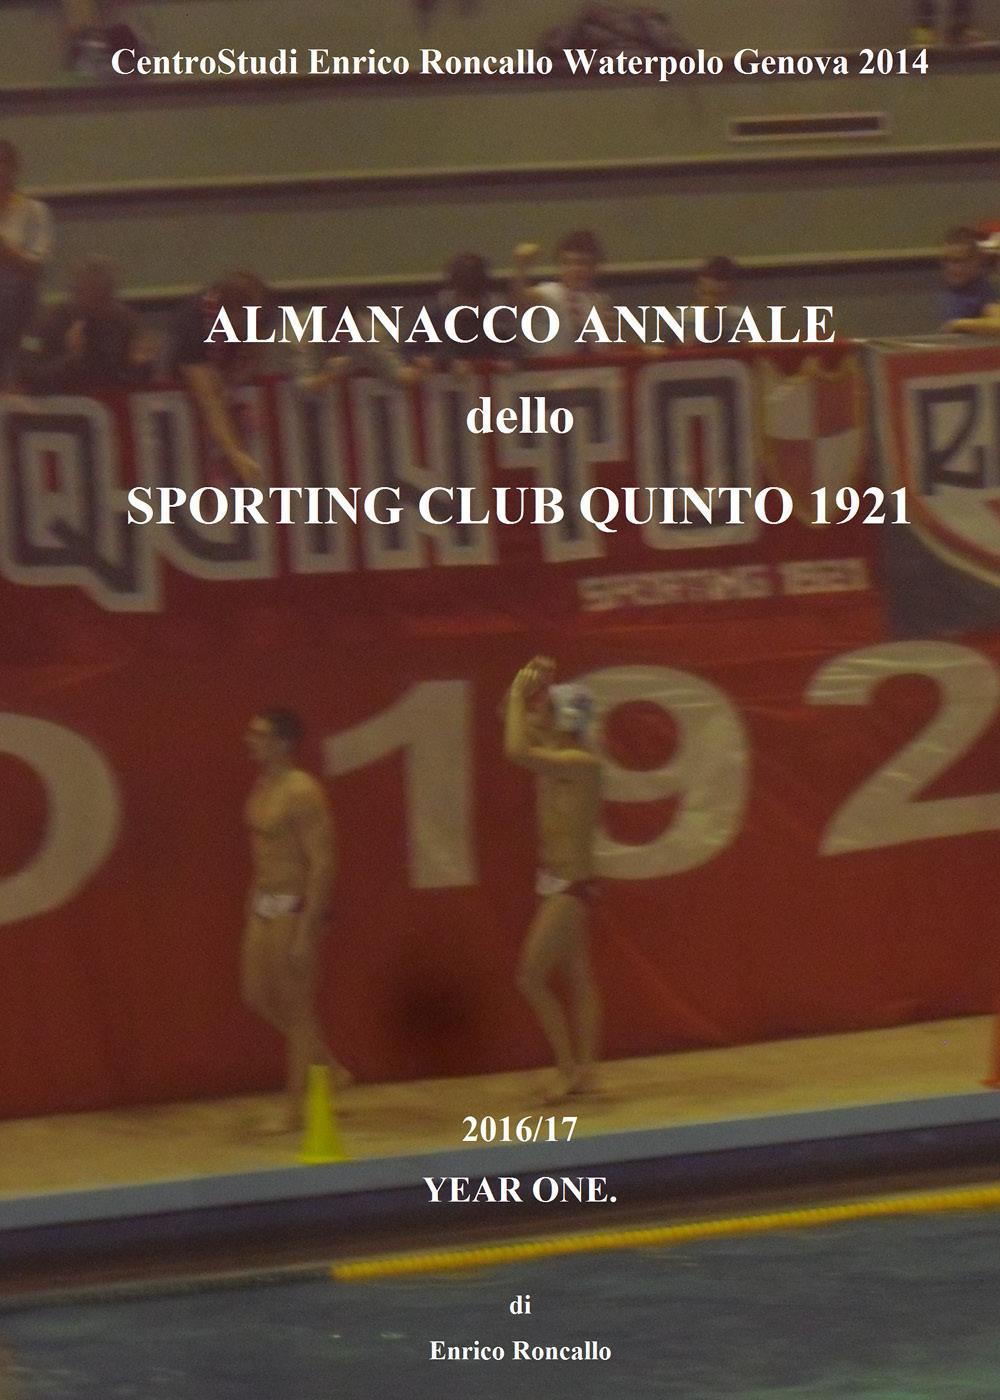 Almanacco annuale «Sporting Club Quinto 1921» 2016/17